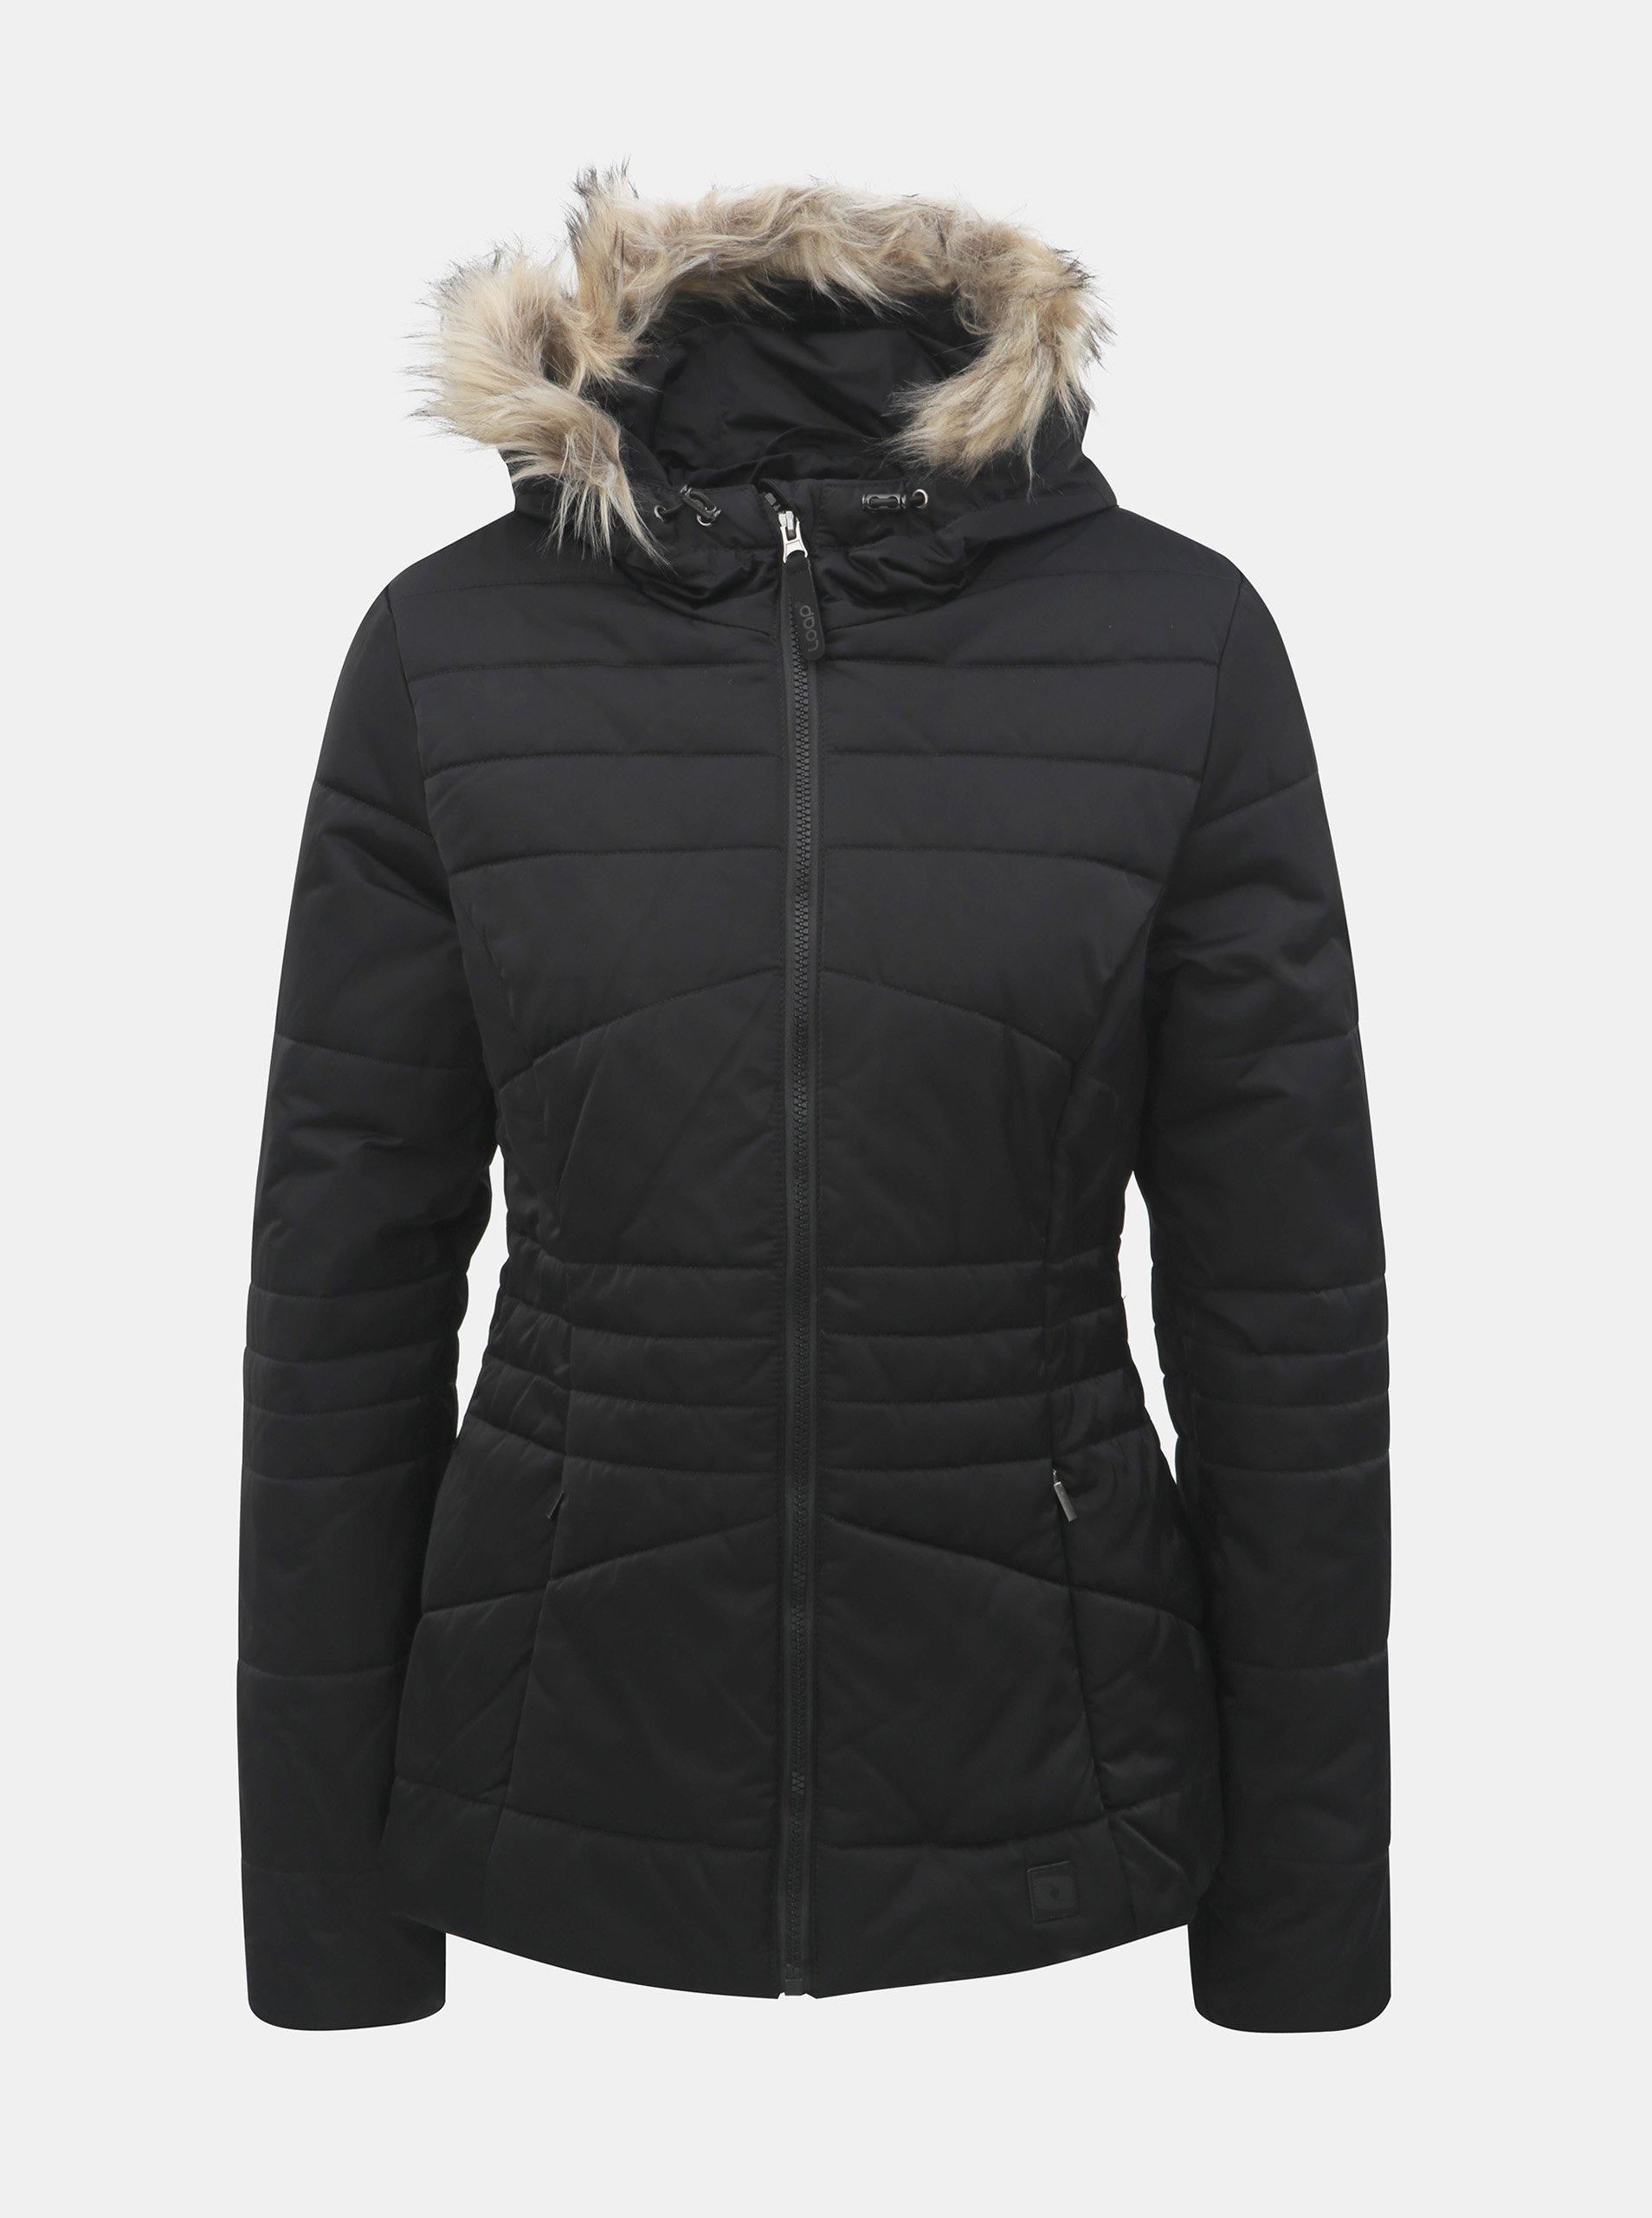 Čierna dámska nepremokavá zimná bunda s odnímateľnou kožušinkou na kapucni LOAP Tiara